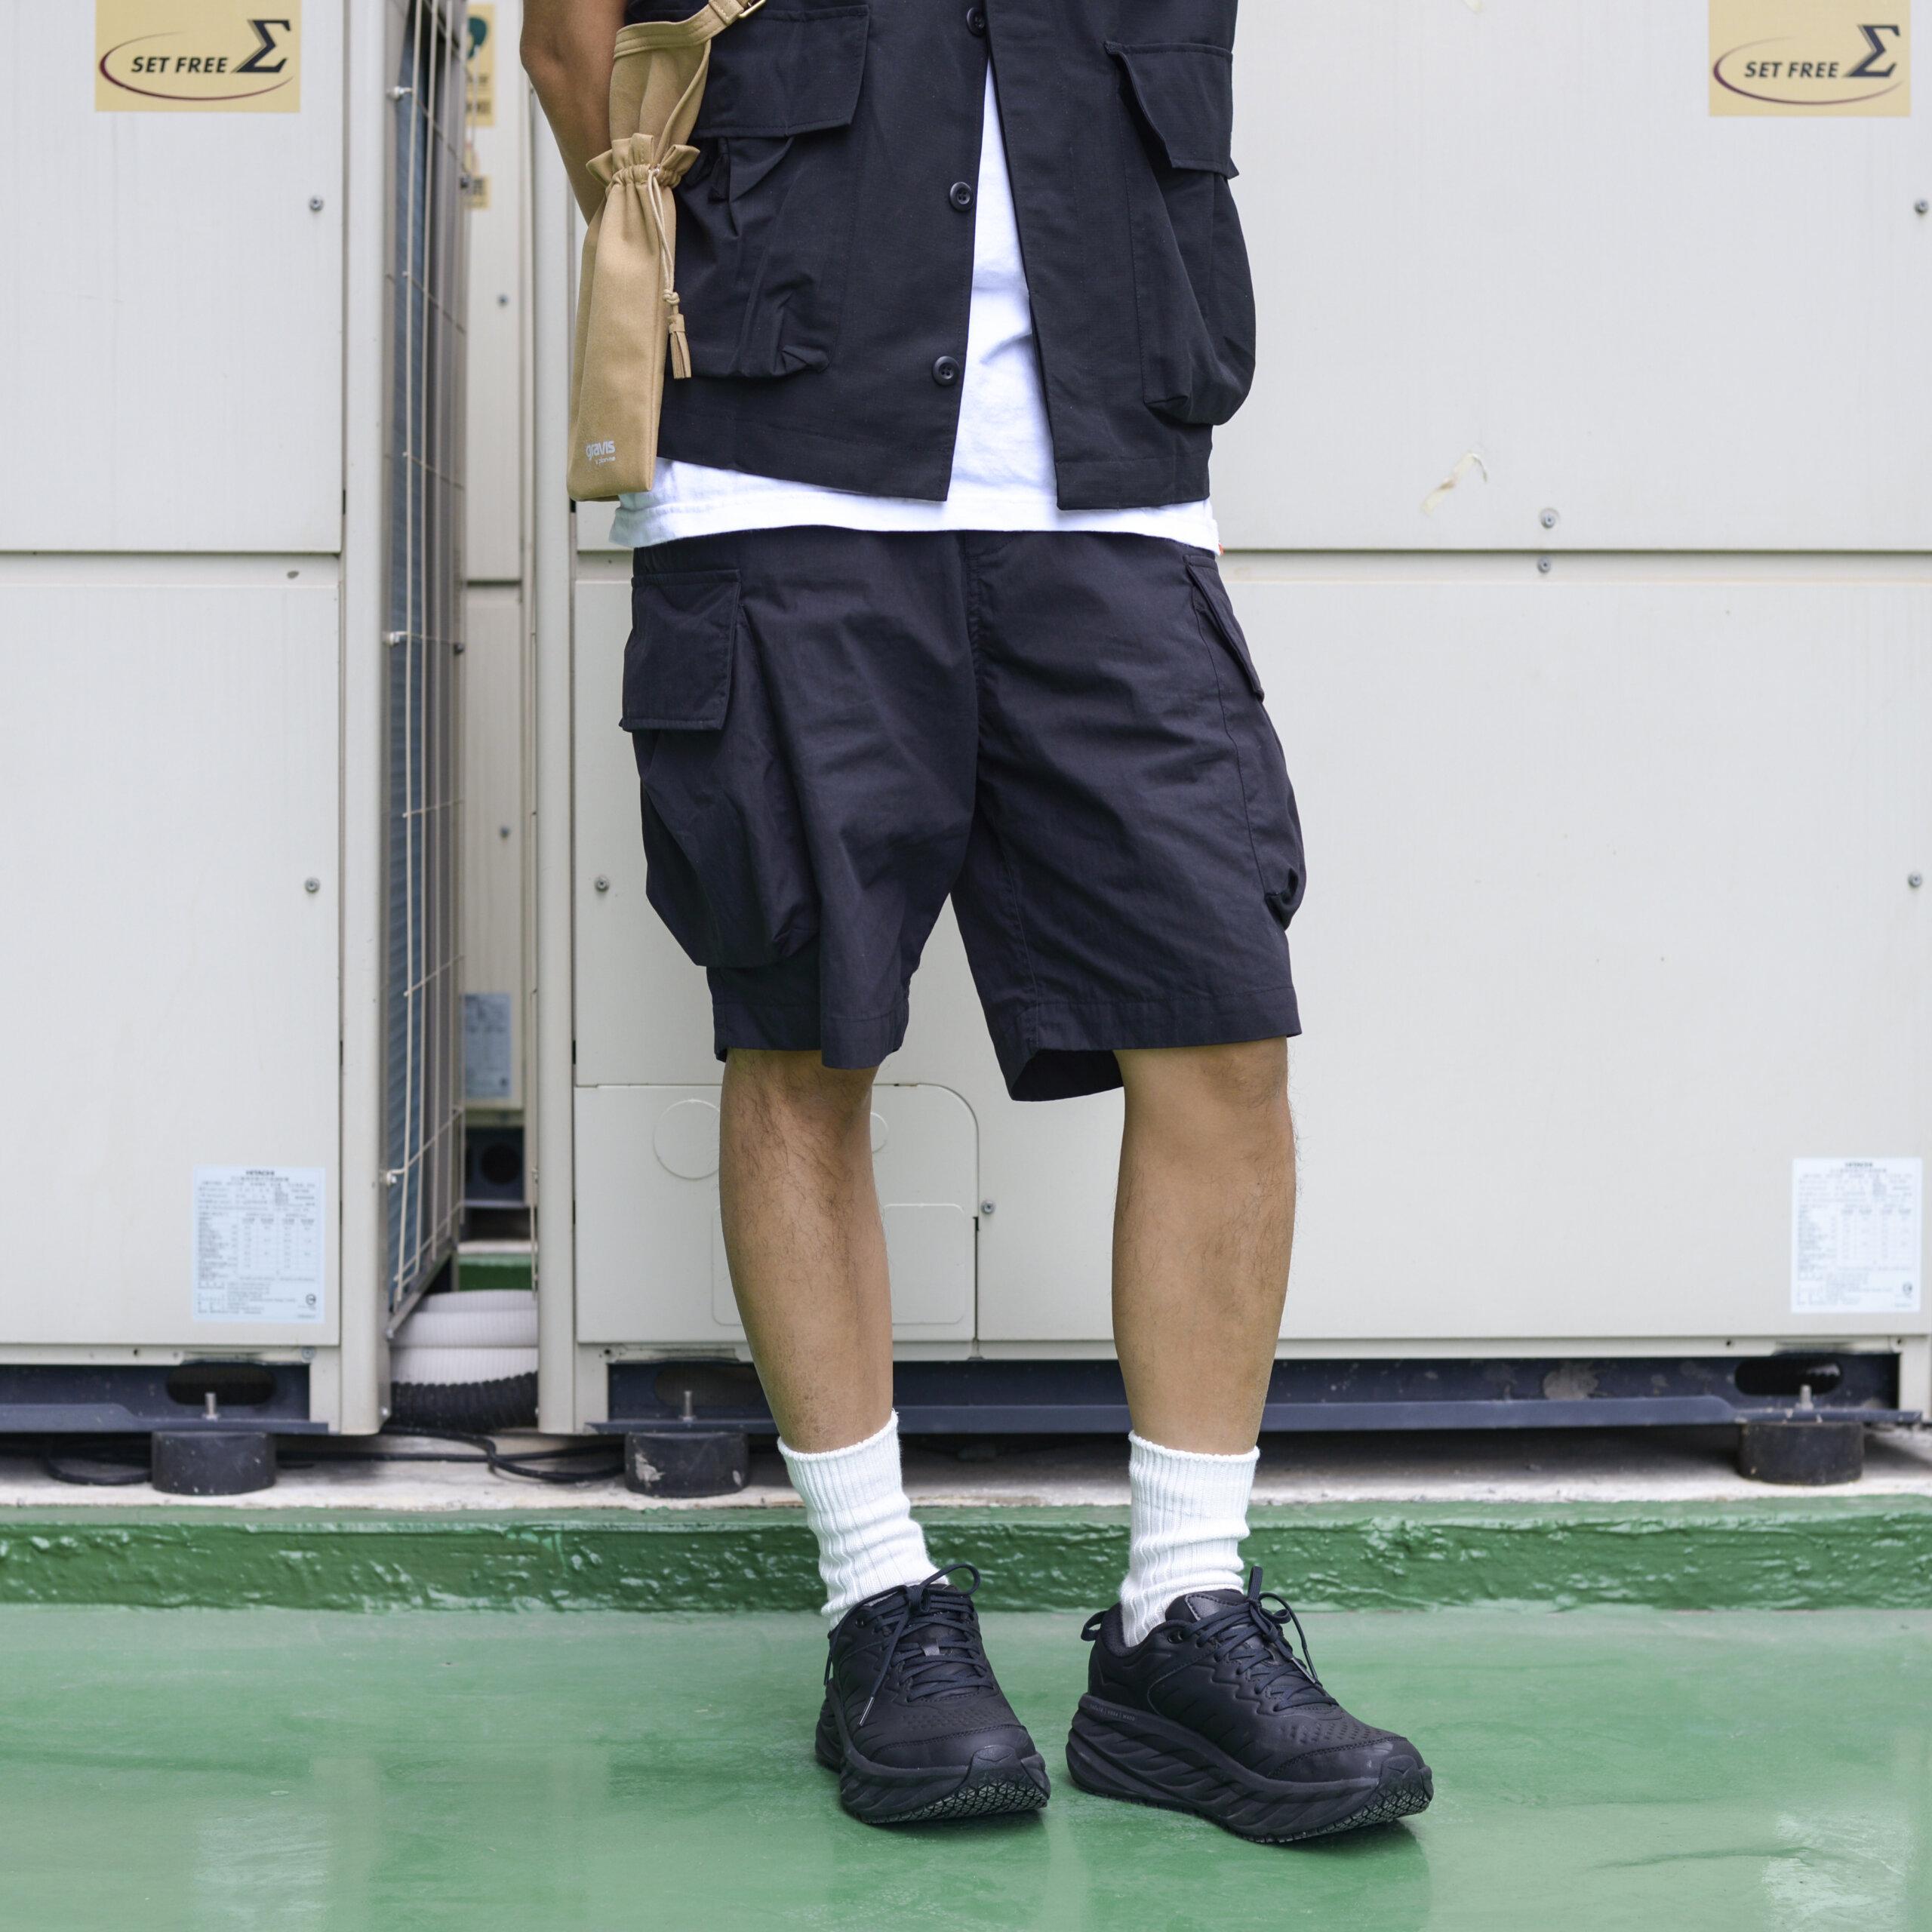 夏天穿搭,夏季穿搭,男生穿搭,街頭,西裝,休閒搭配,akko,akko 褲,一週搭配,街頭搭配,搭配型人,街頭型人,皮鞋,成套,AKKO褲,微寬褲,COP3563,1616 easy 長褲,New Balance M990v5,New Balance,春季穿搭,春天穿搭,春夏穿搭,1616百搭神褲,1616 LOKA,PM 旅行小包,小包穿搭,pm小包穿搭,小包搭配,gravis,gravis plain-me,gravis 聯名